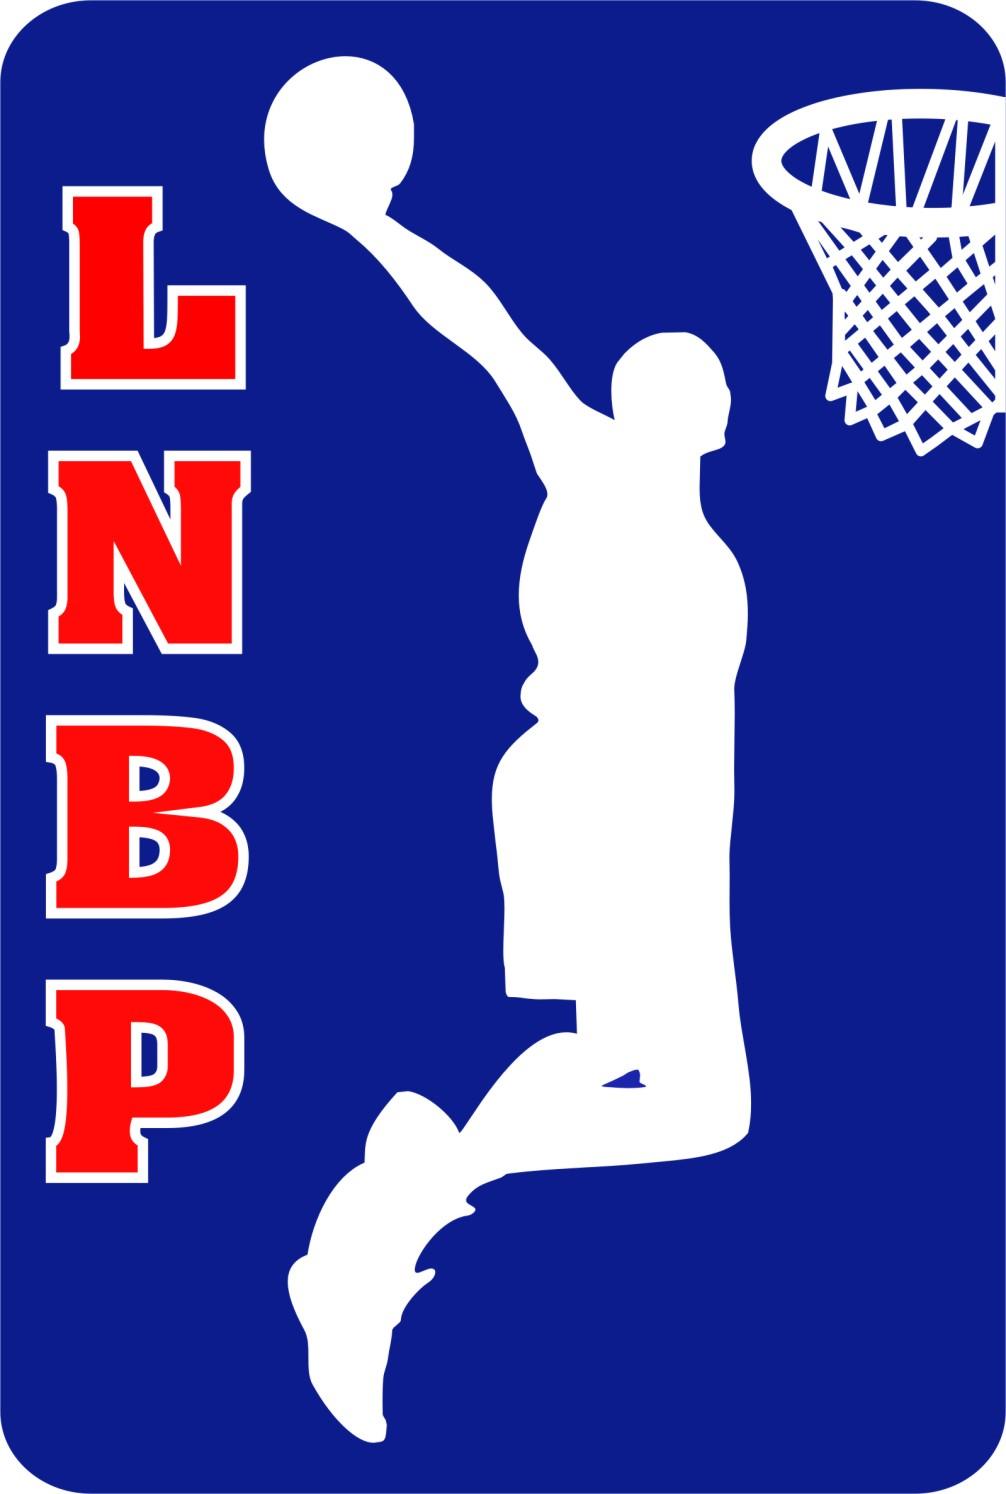 La historia de la LNBP por viva basquet